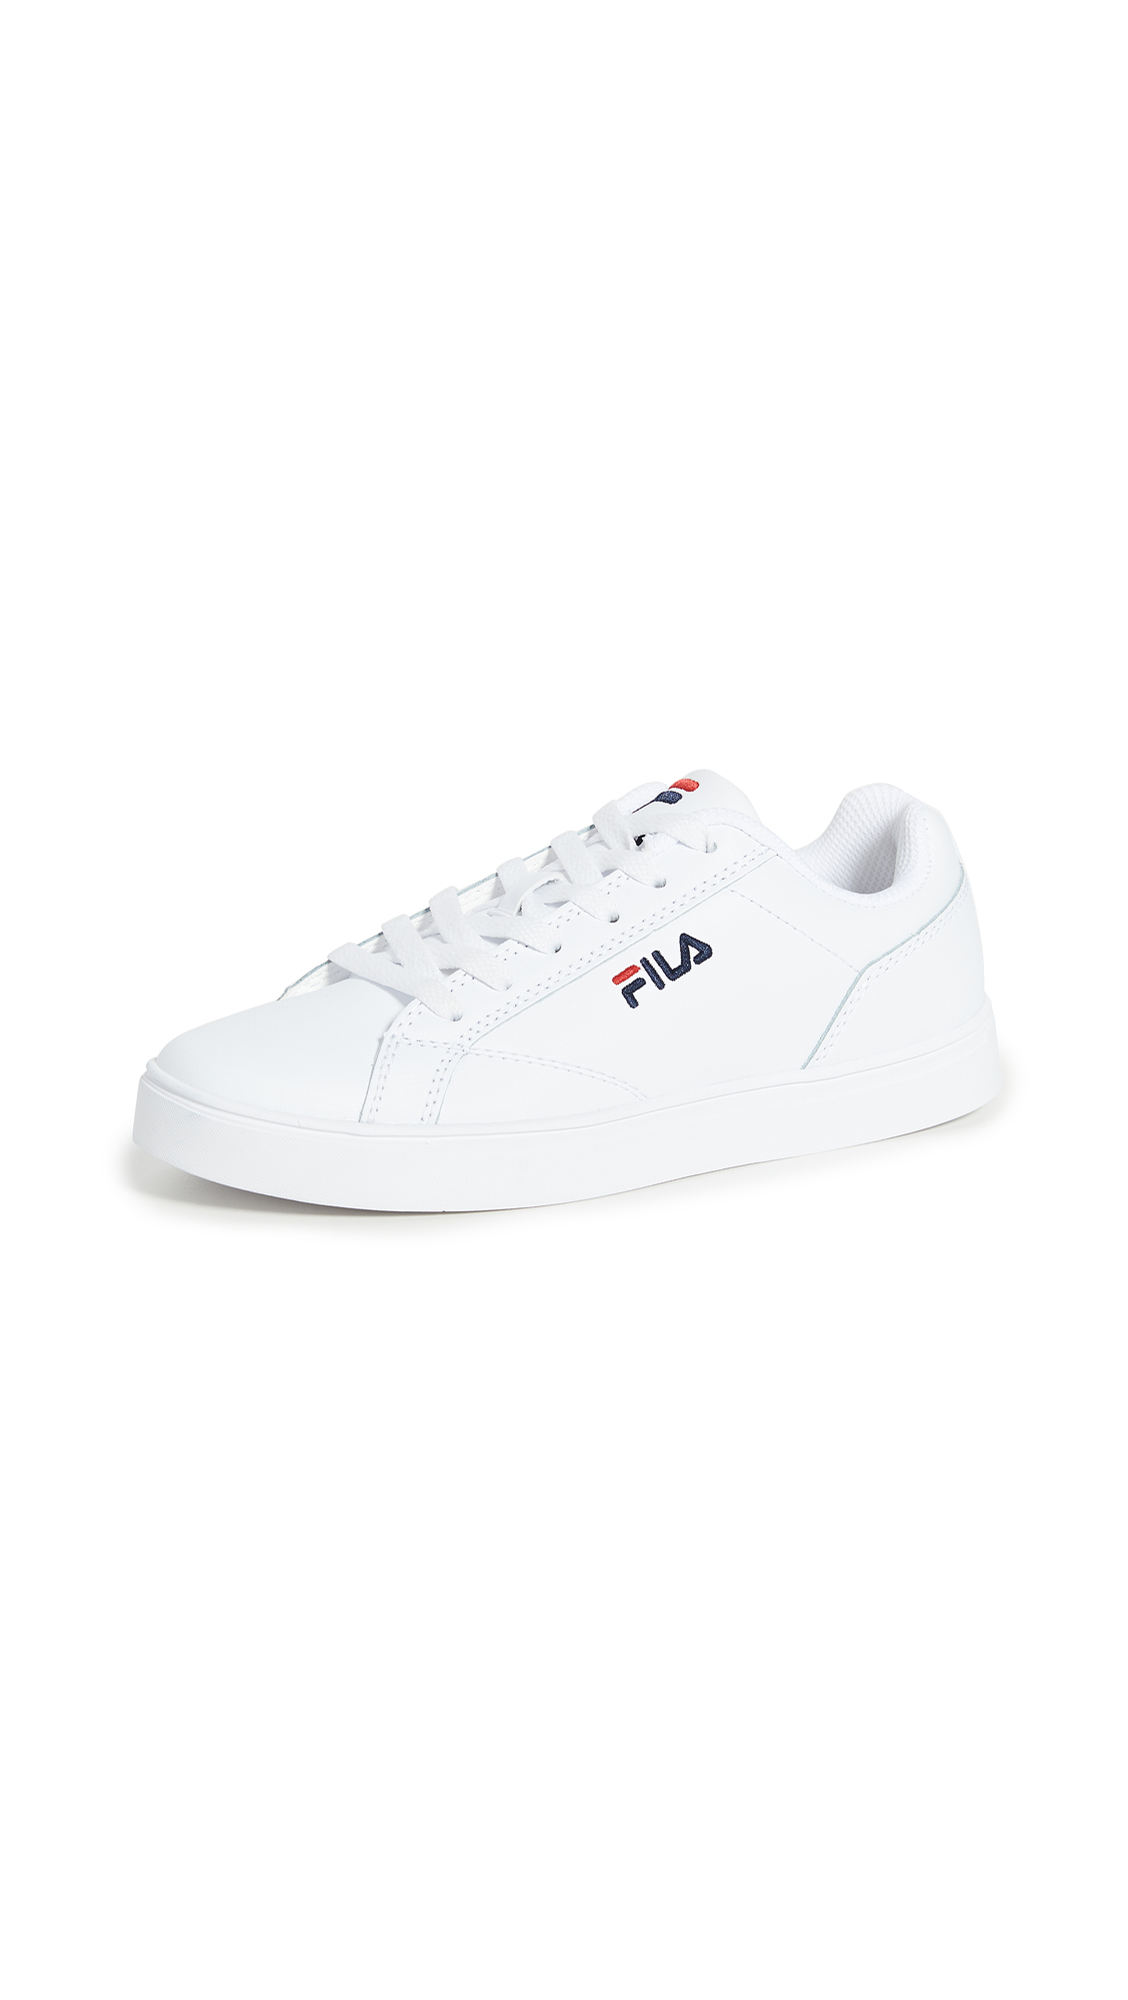 Buy Fila Exclusive Original Court Sneakers online, shop Fila